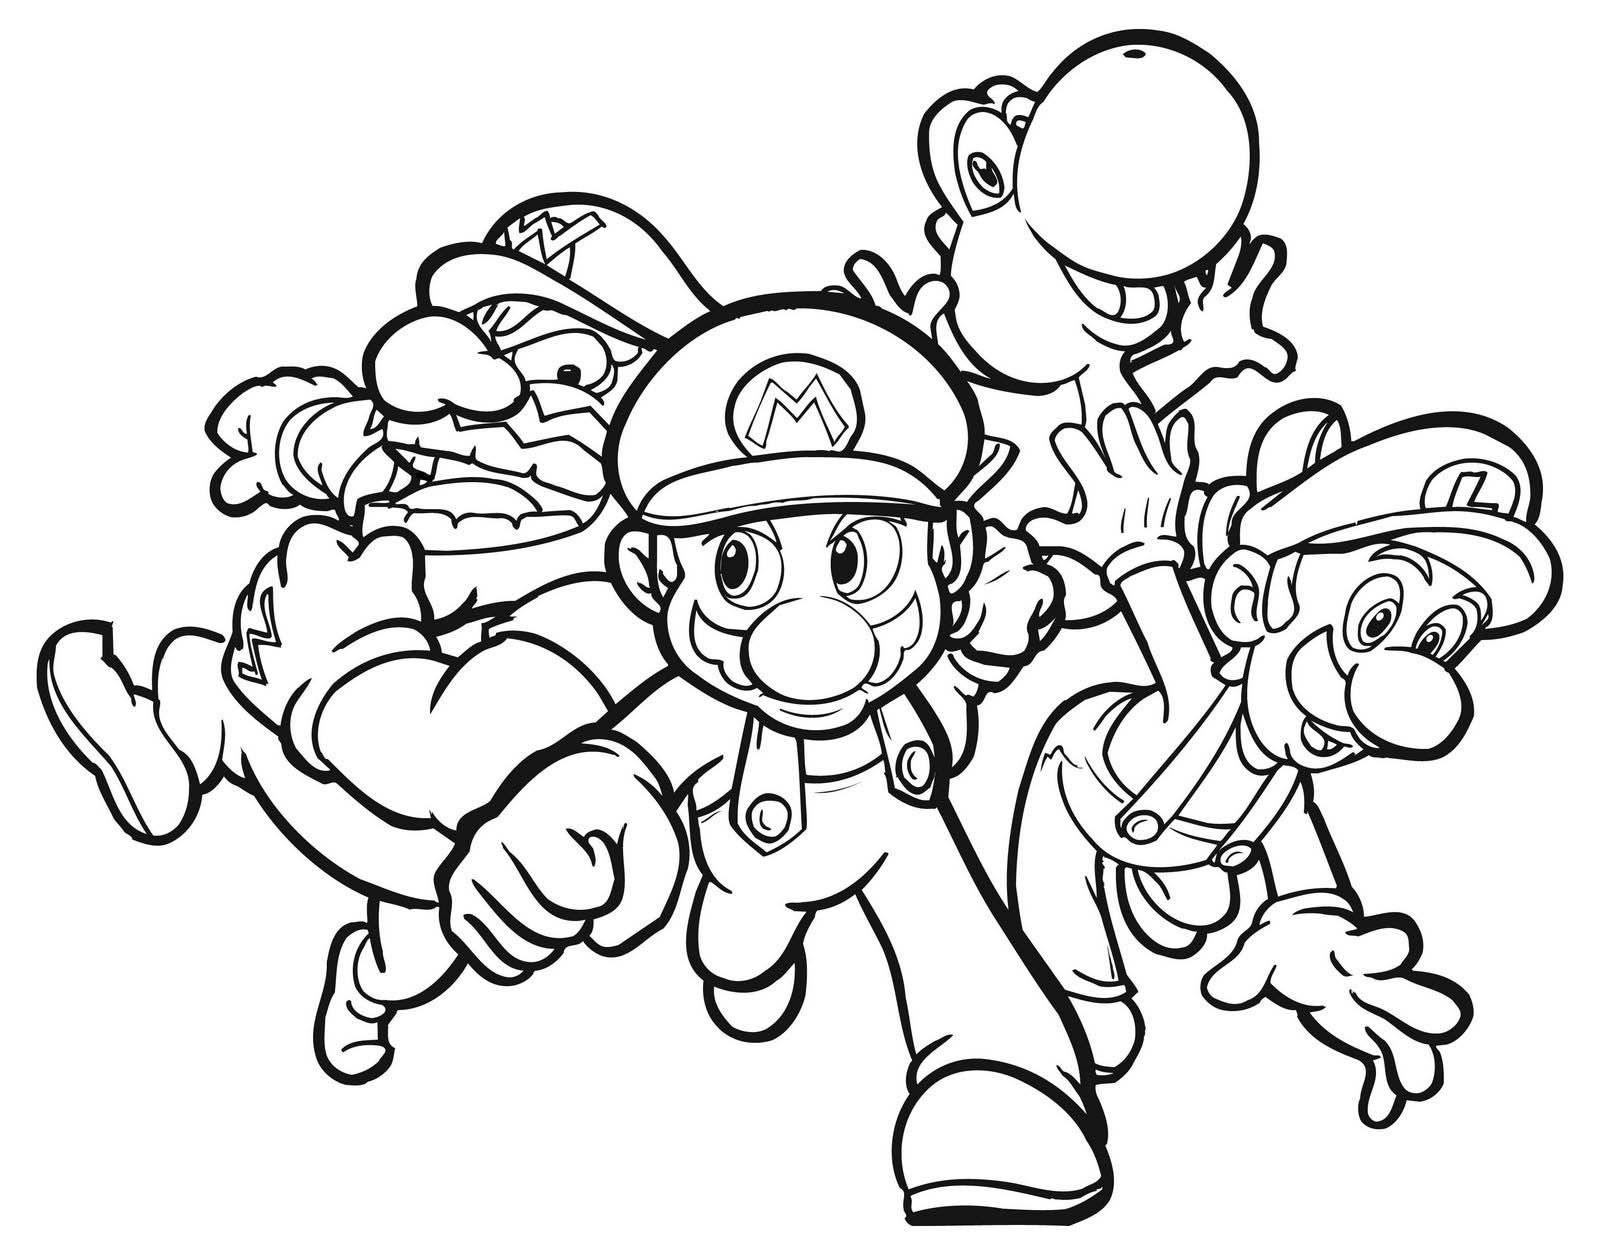 Sonic Zum Ausmalen Inspirierend Mario Coloring Pages to Print Free Schön Ausmalbilder Mario Und Fotografieren